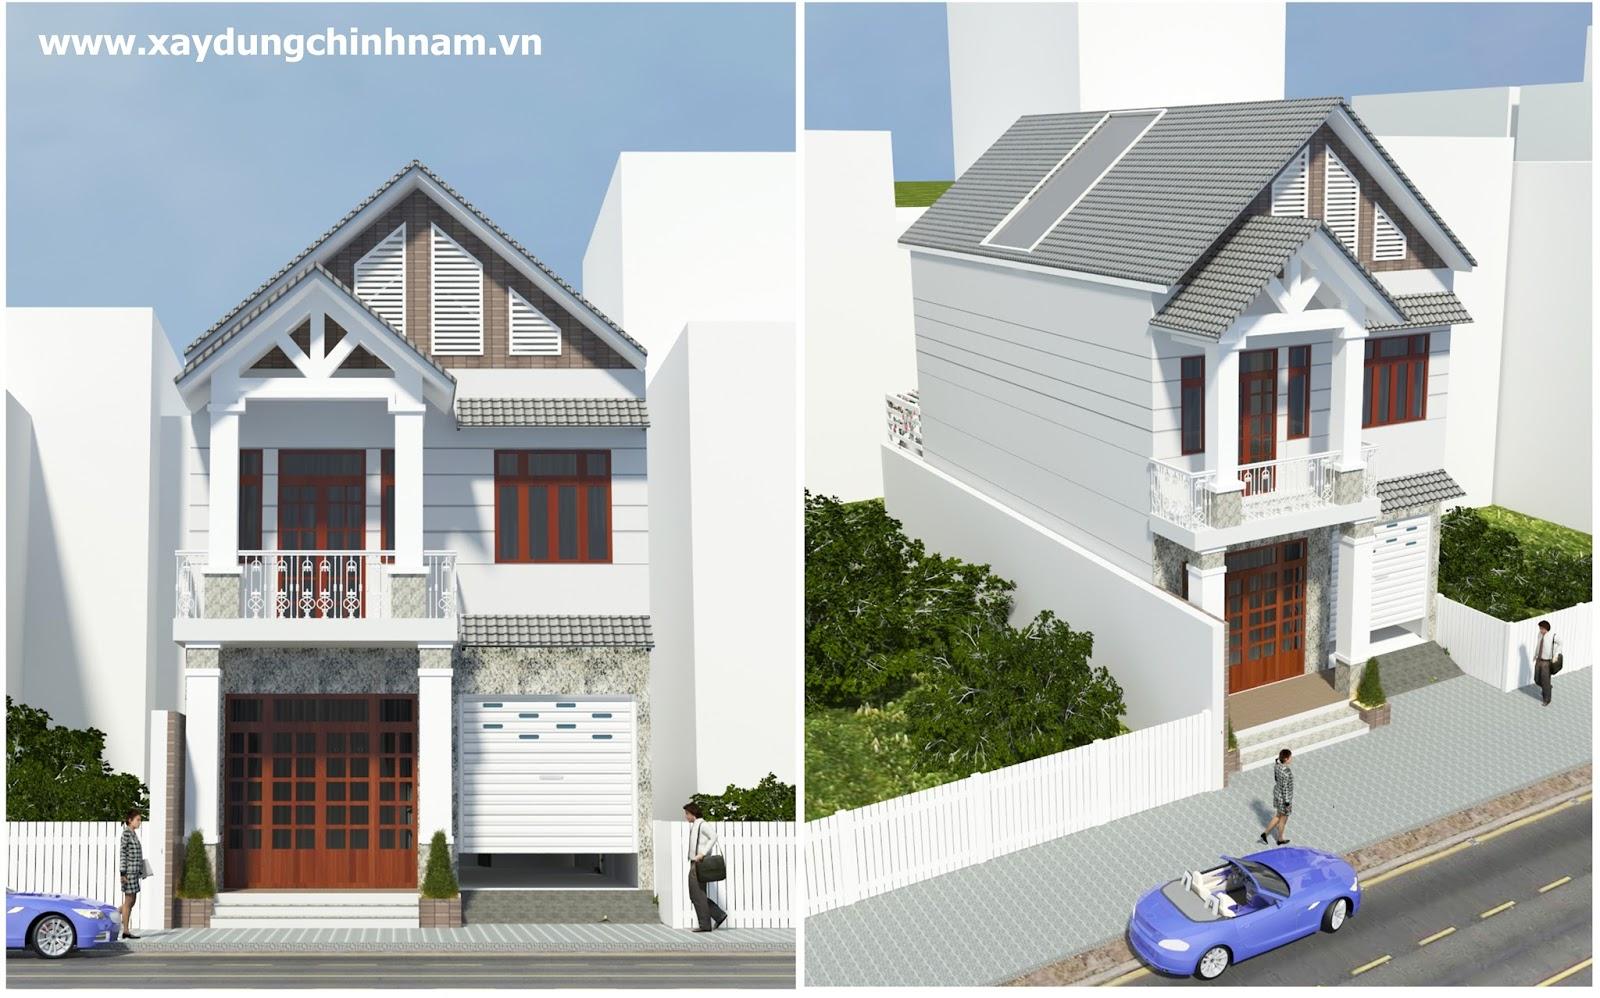 Thiết kế nhà anh Toàn ở Biên Hoà - Đồng Nai